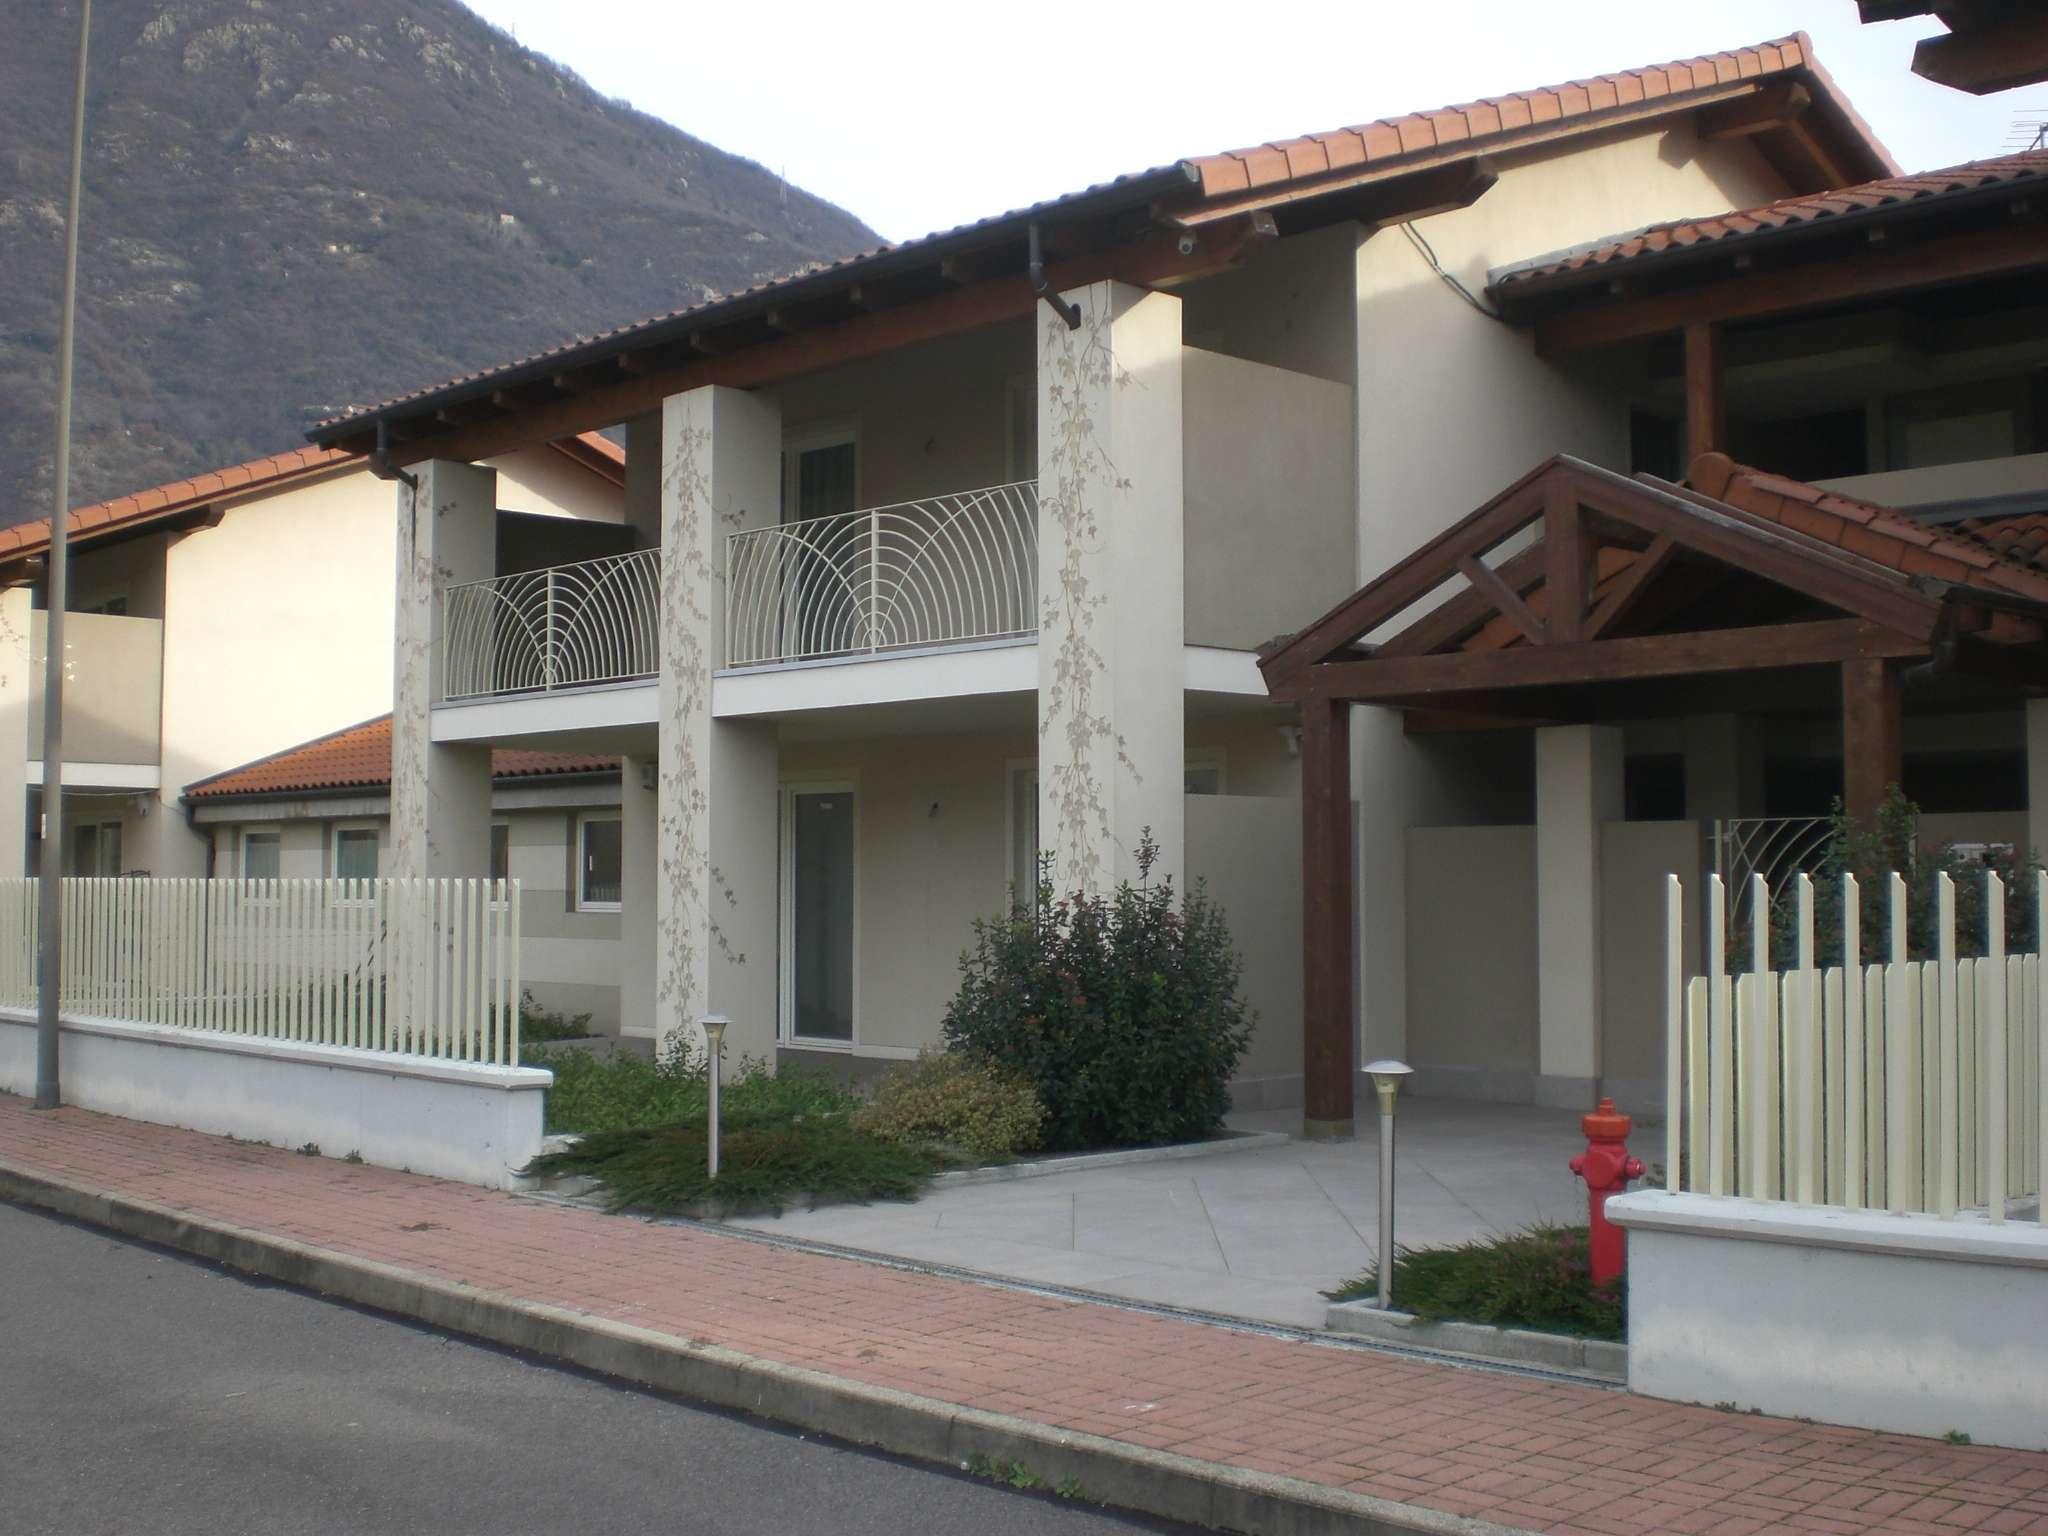 Appartamento in vendita a Borgone Susa, 3 locali, prezzo € 148.000 | CambioCasa.it